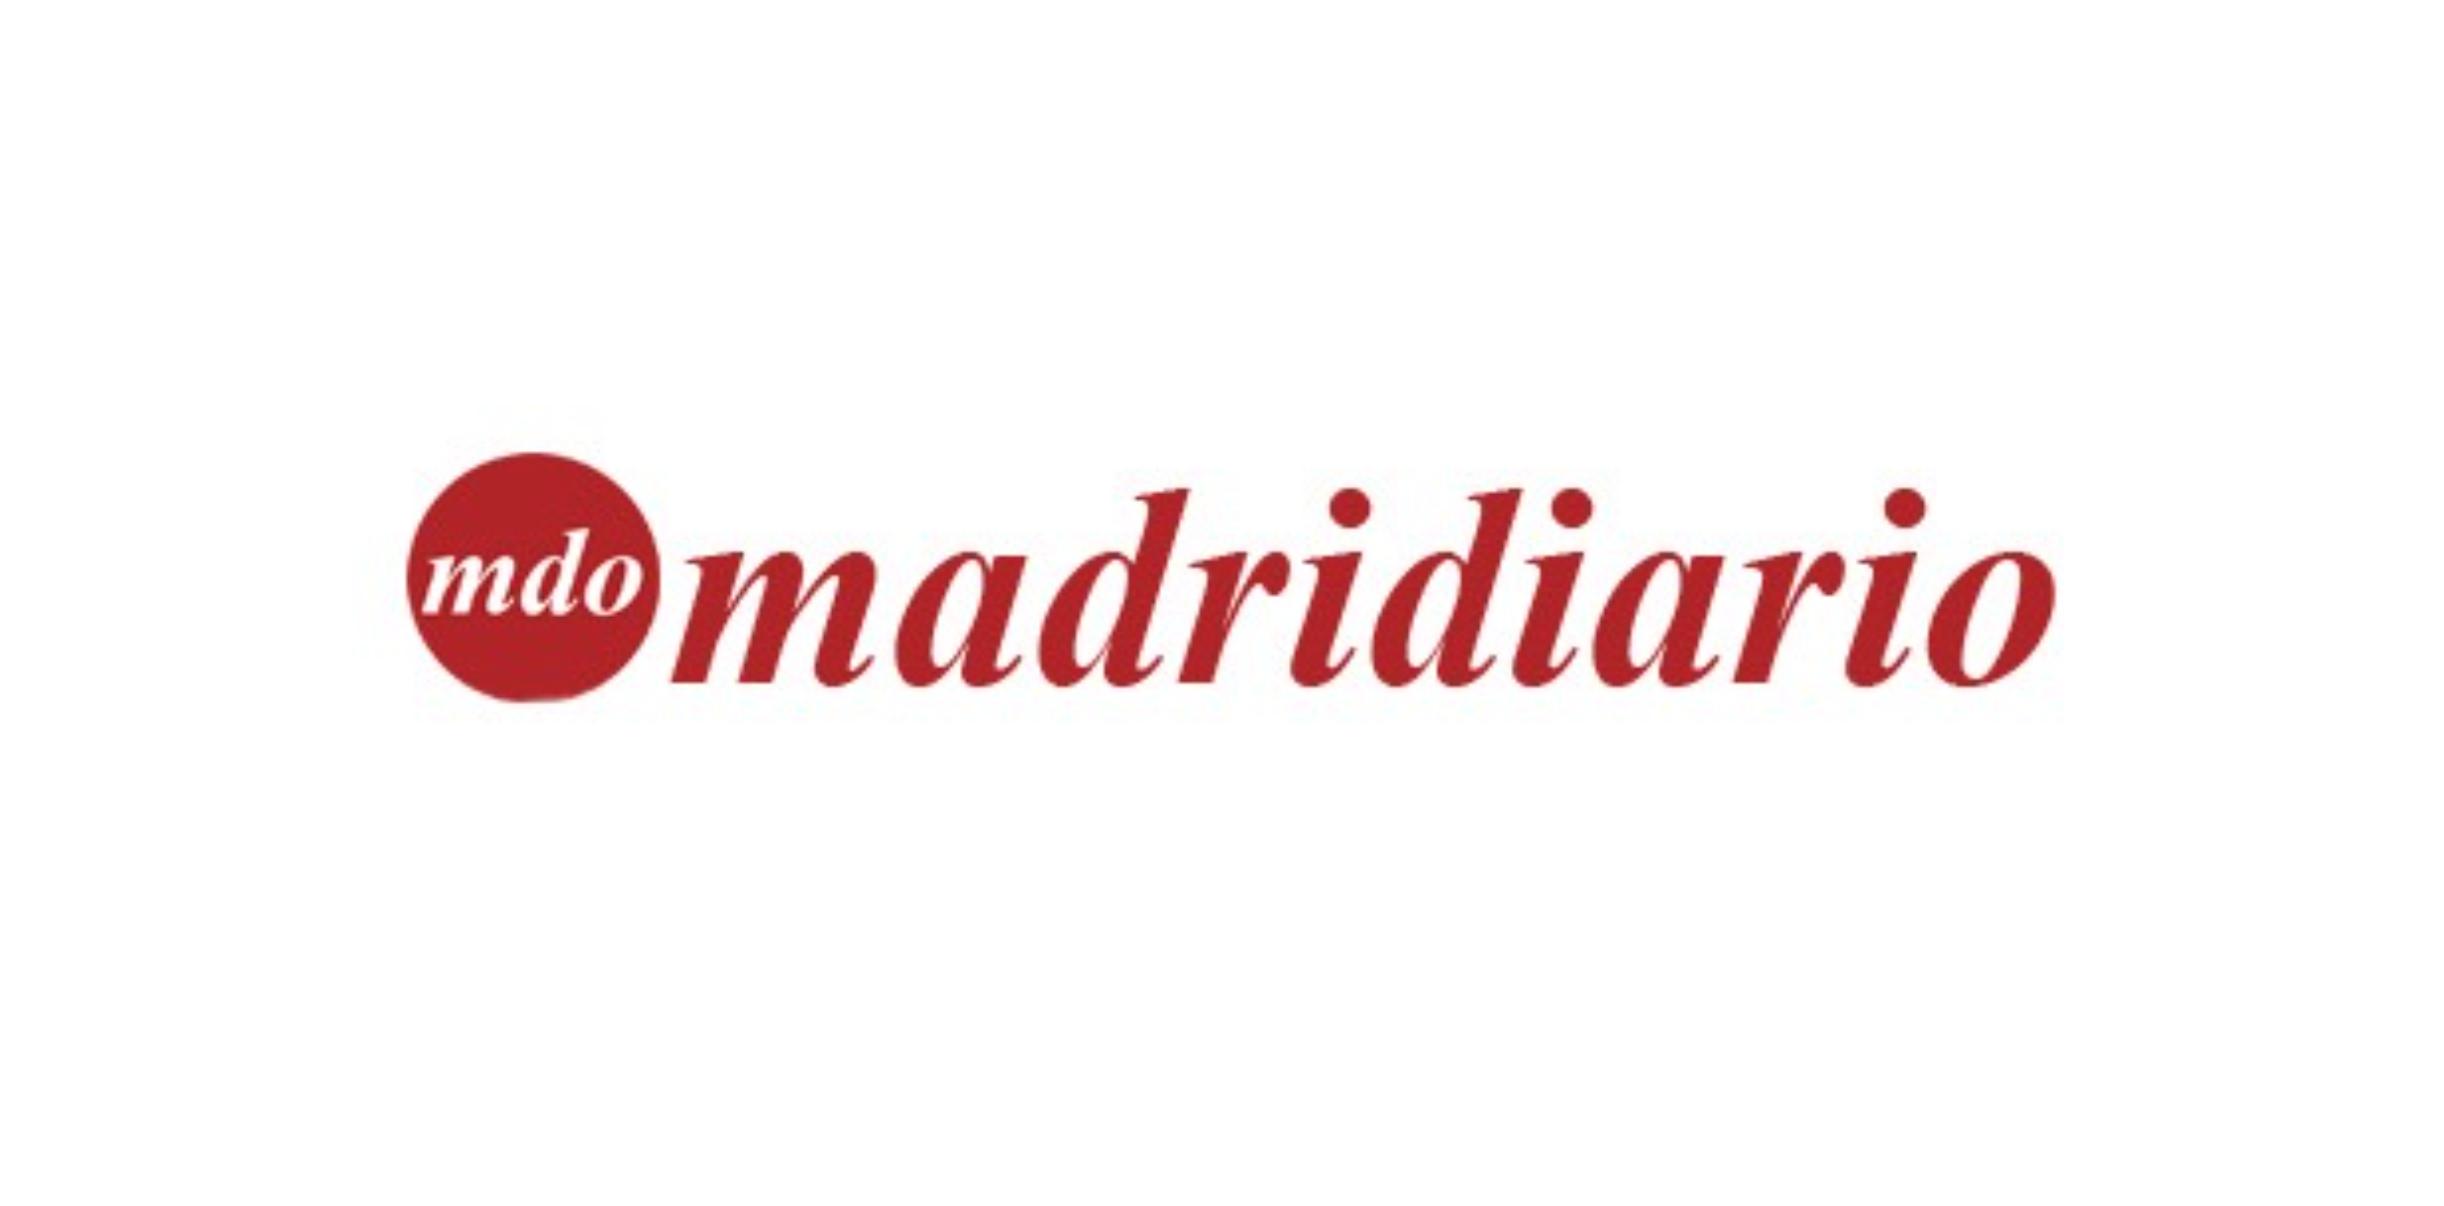 madridiario 1